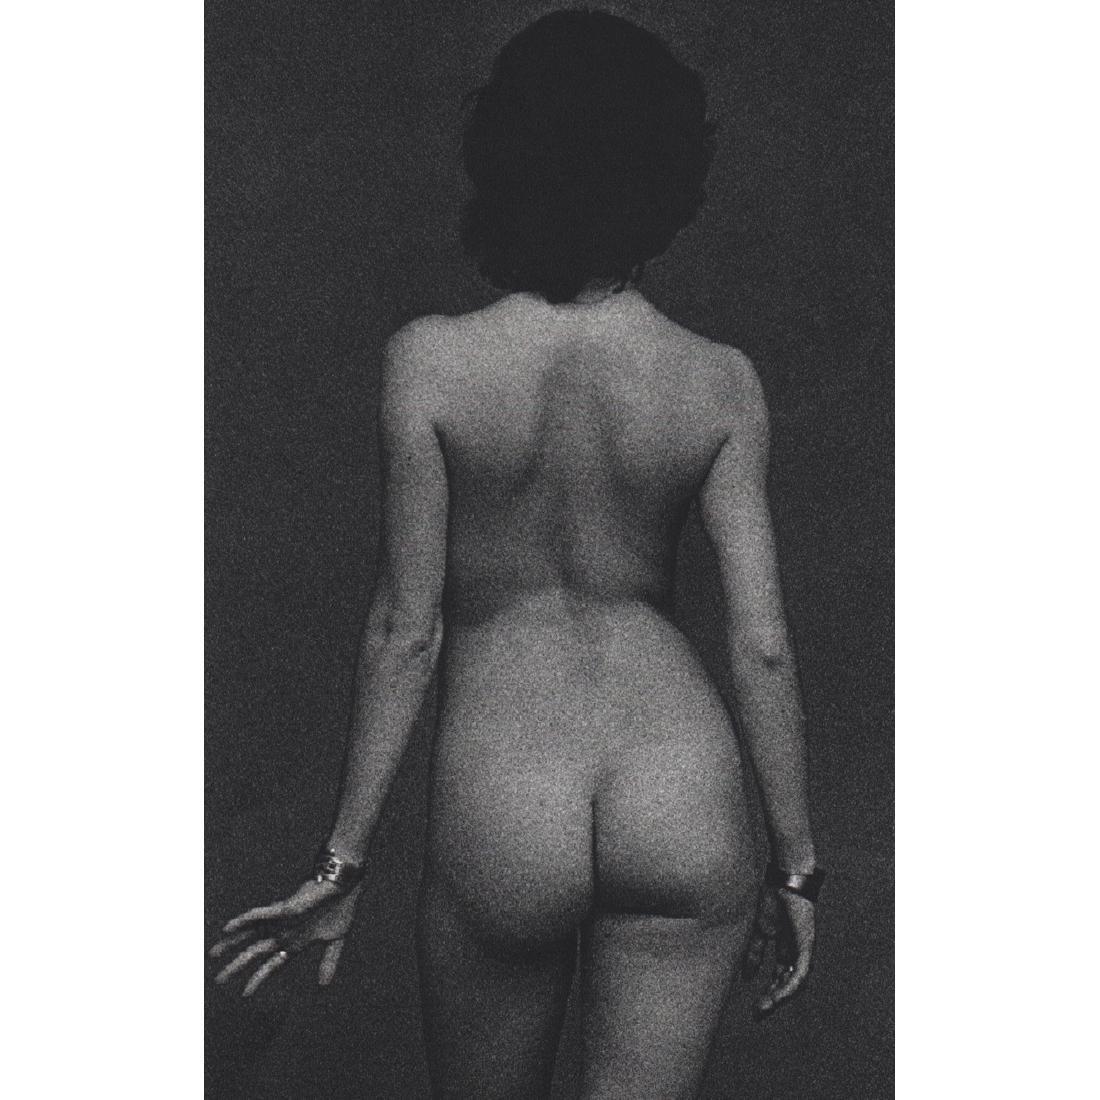 JAMES GOSS - Nude